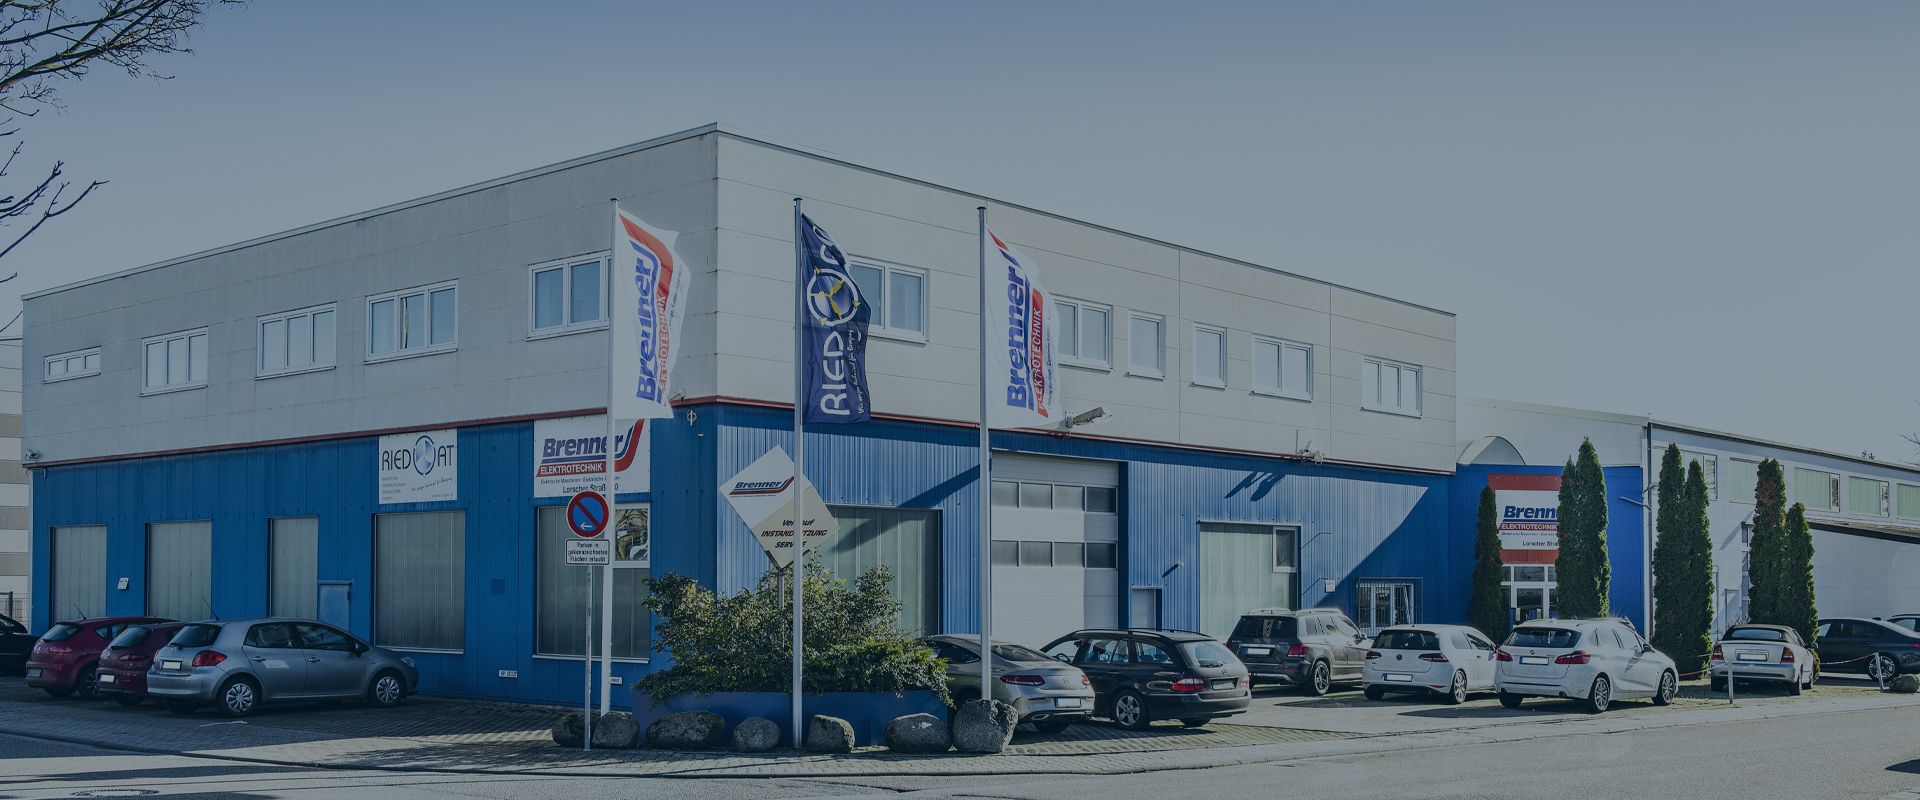 Willkommen bei der Brenner GmbH Elektrotechnik